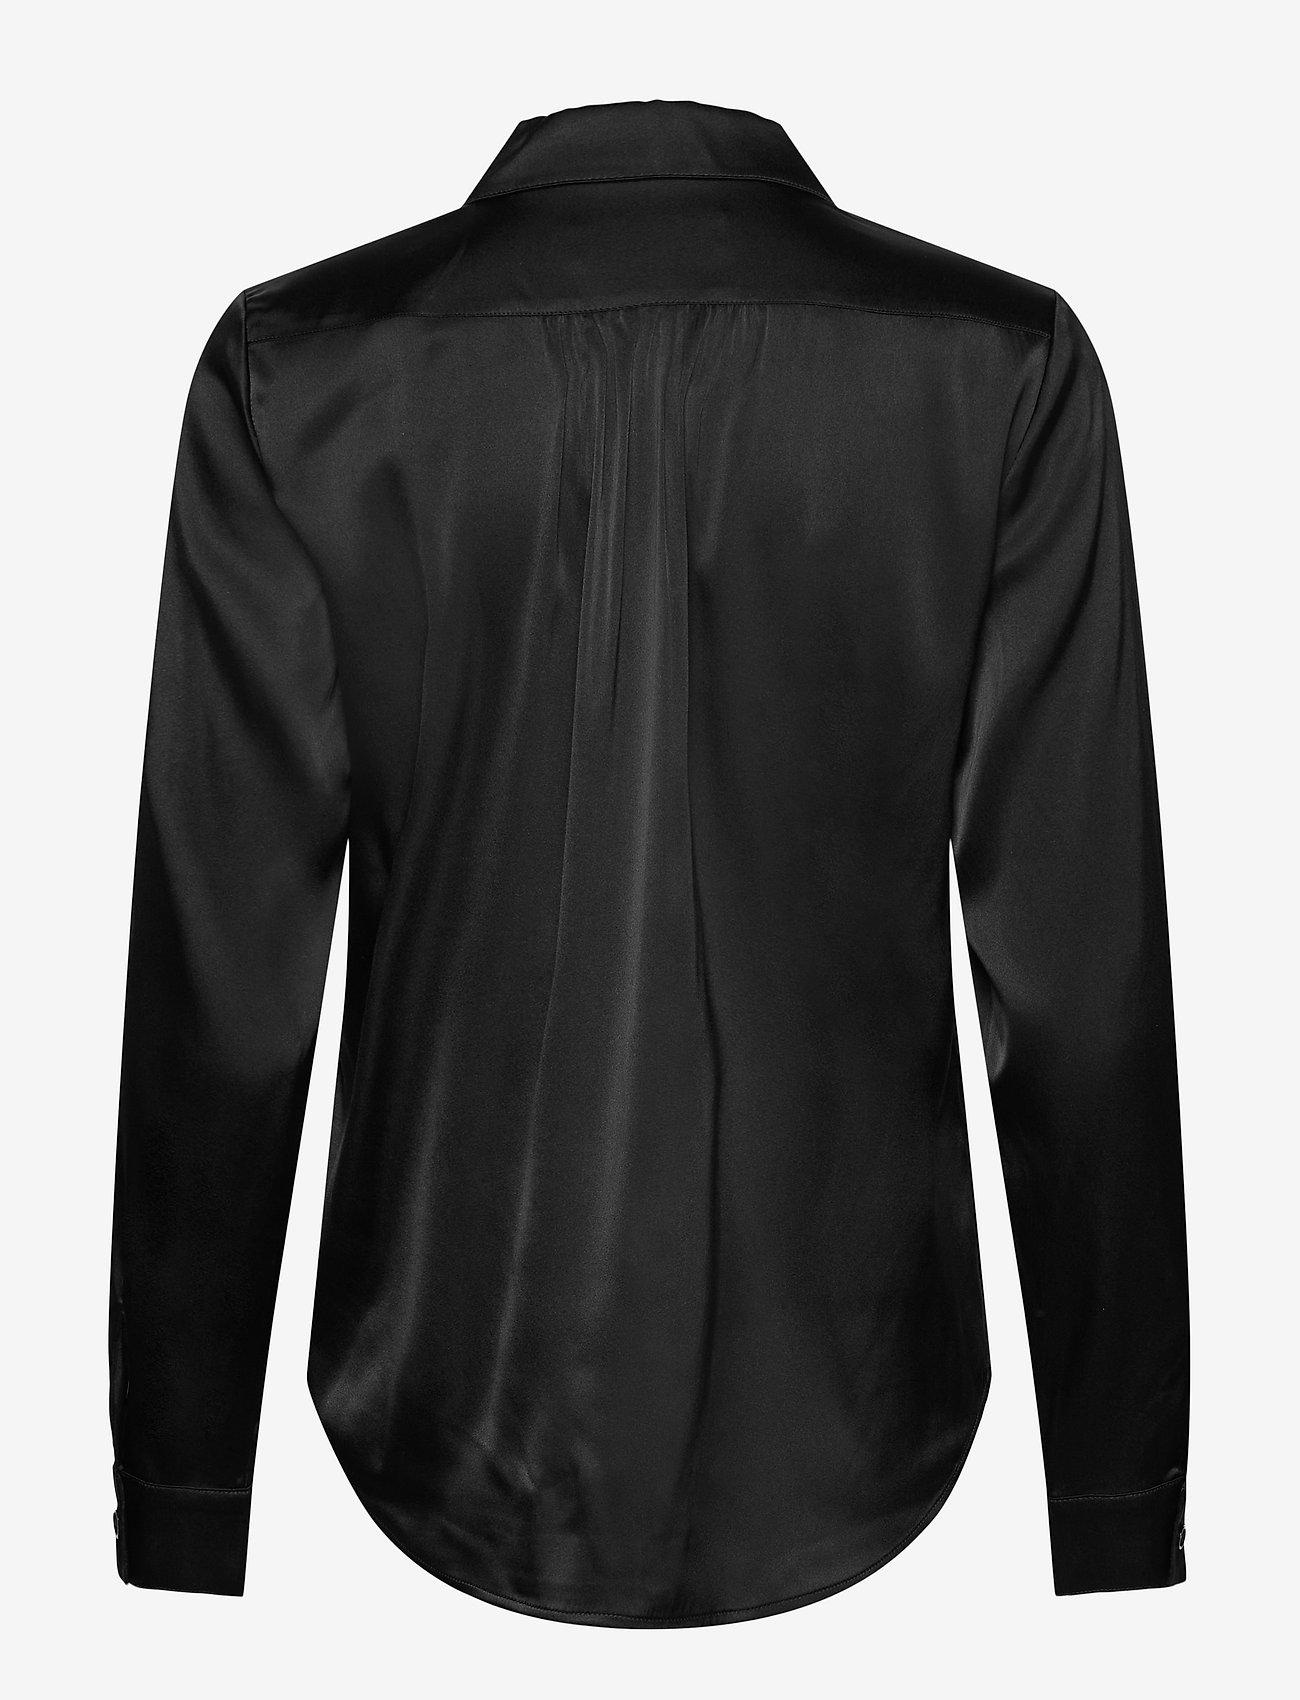 SAND - 3176 - Latia - chemises à manches longues - black - 1